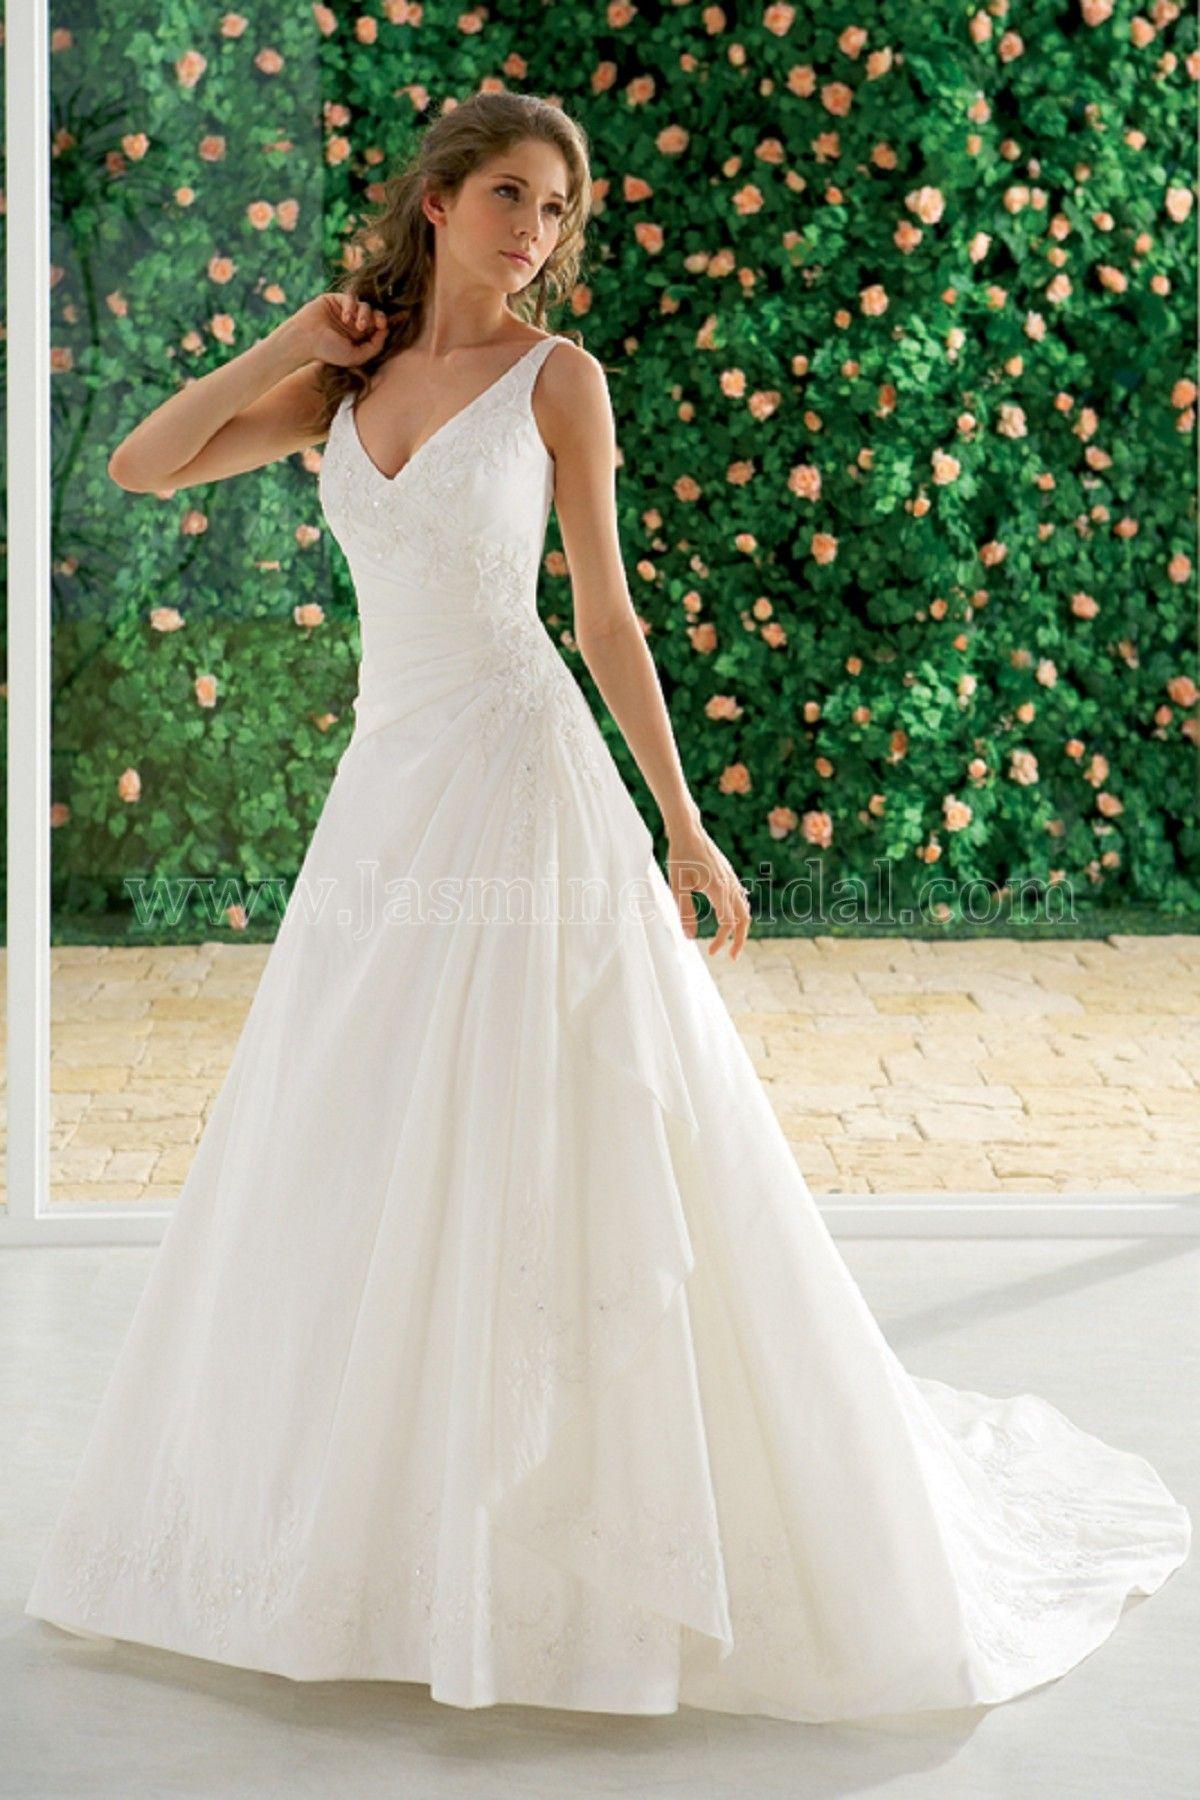 Jasmine wedding dresses  Jasmine Bridal  Once Upon a Dream  Pinterest  Jasmine bridal